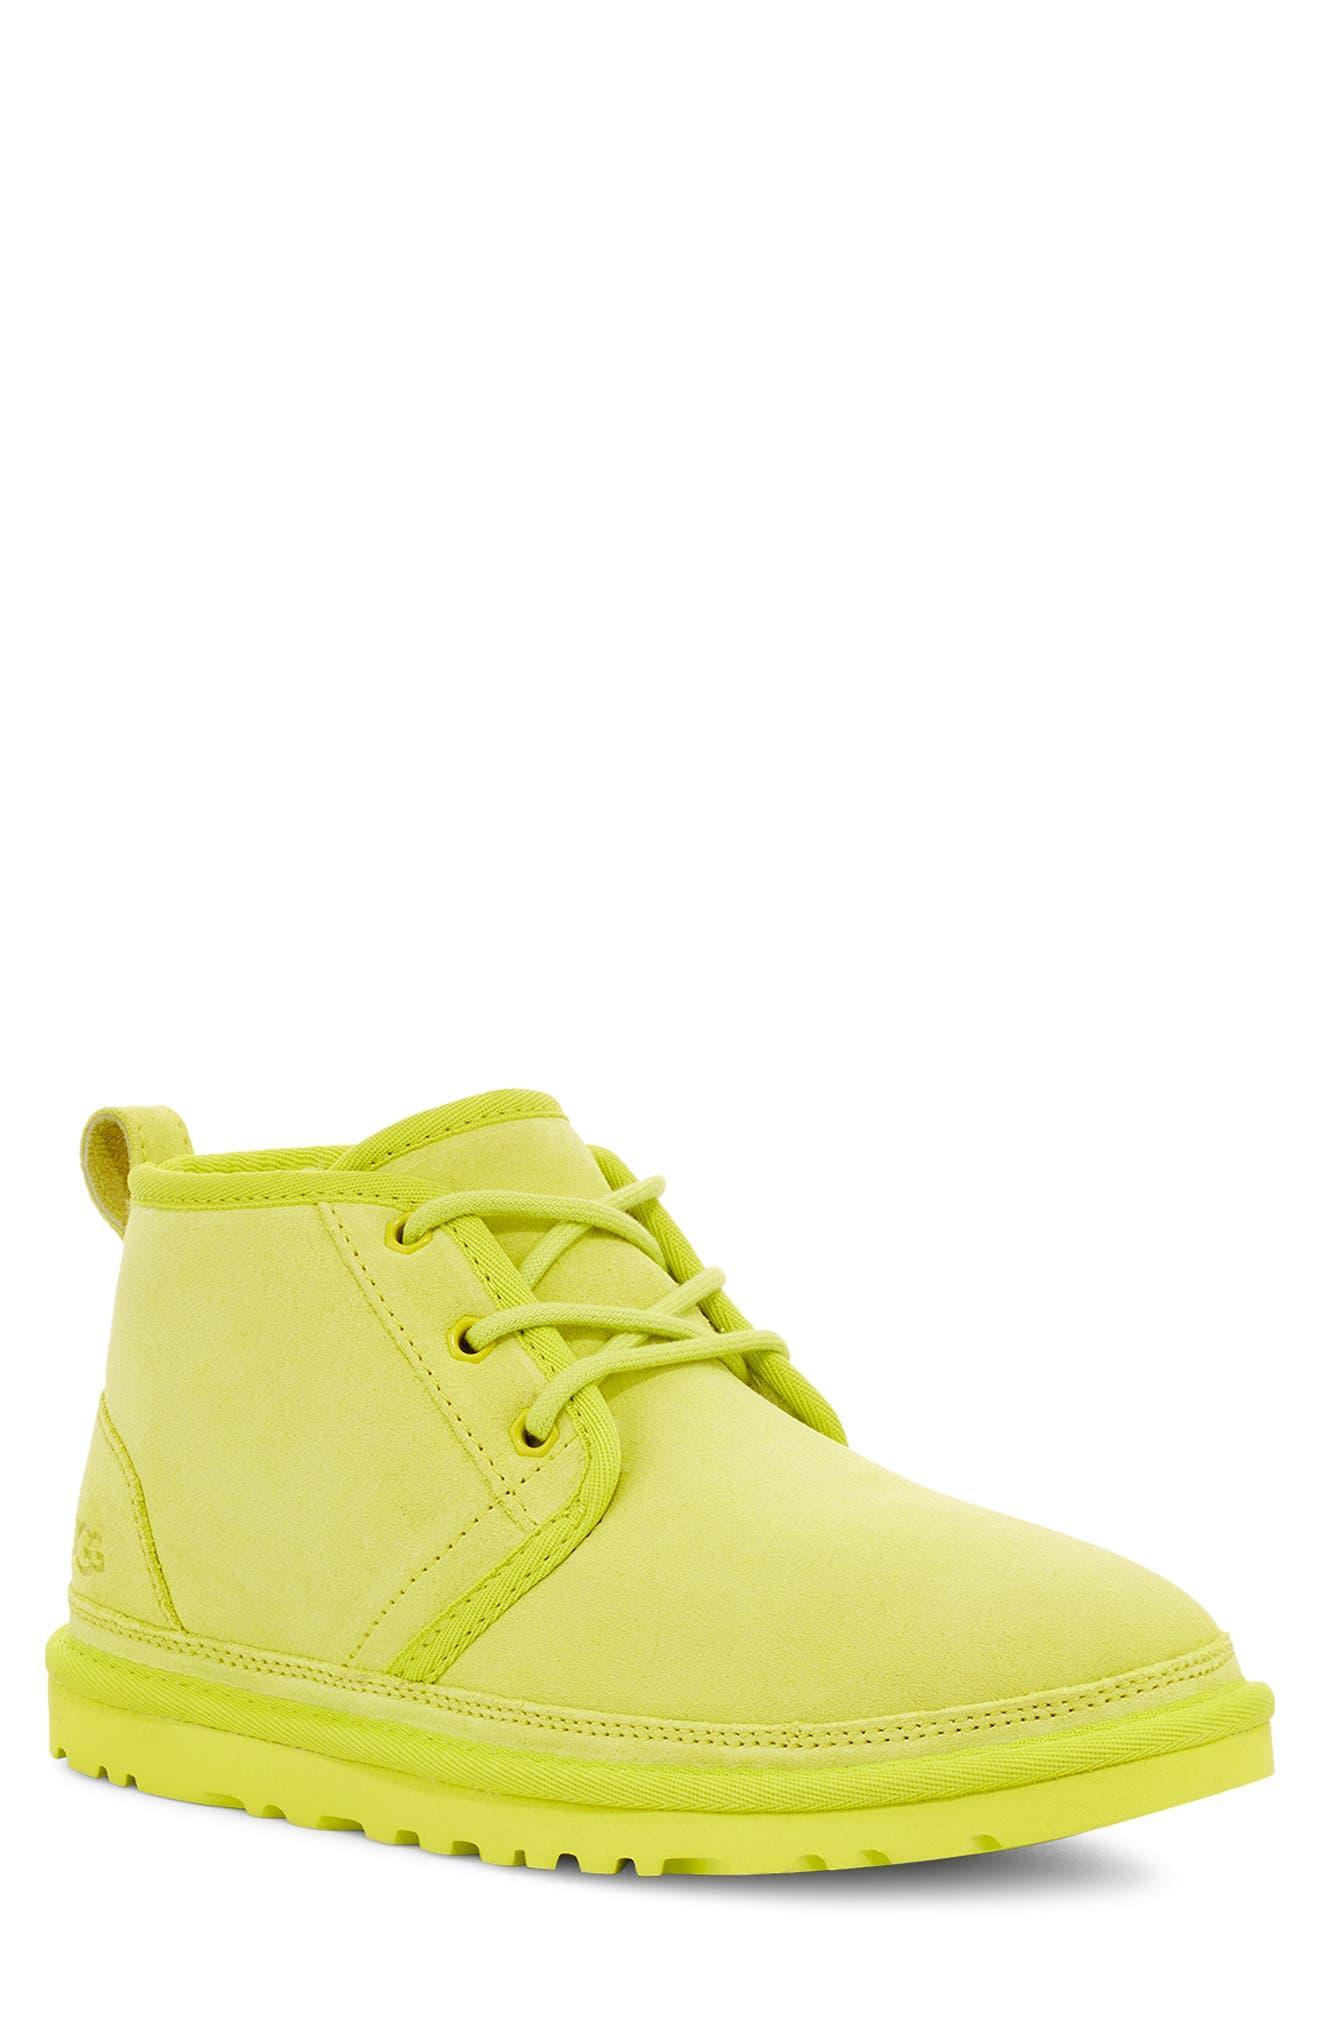 Women's Winter \u0026 Snow Boots   Nordstrom